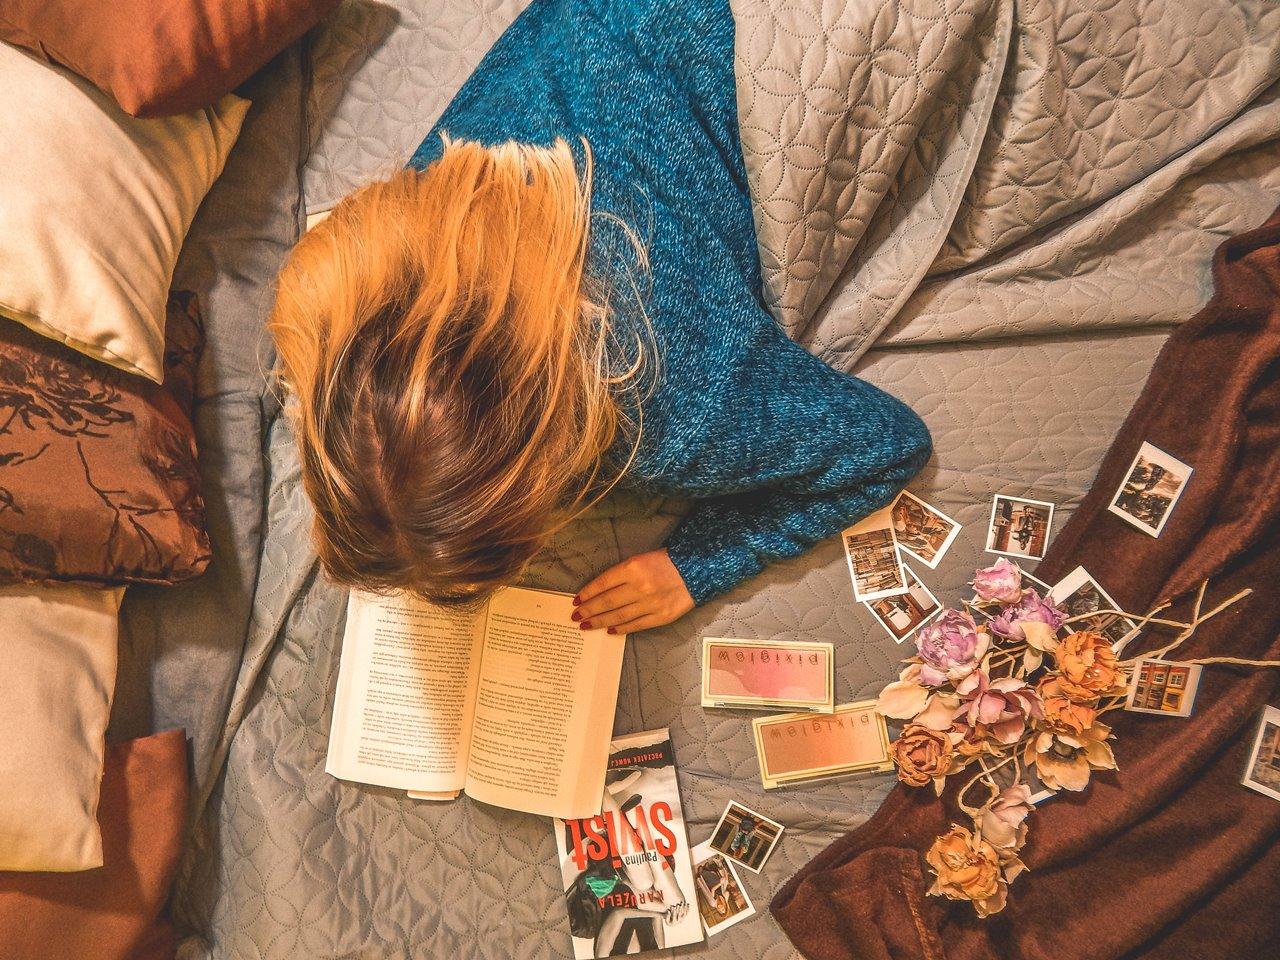 polskie polecane książki, jesienna depresja, persalo zdjęcia w formacie polaroid, instax, bonprix,